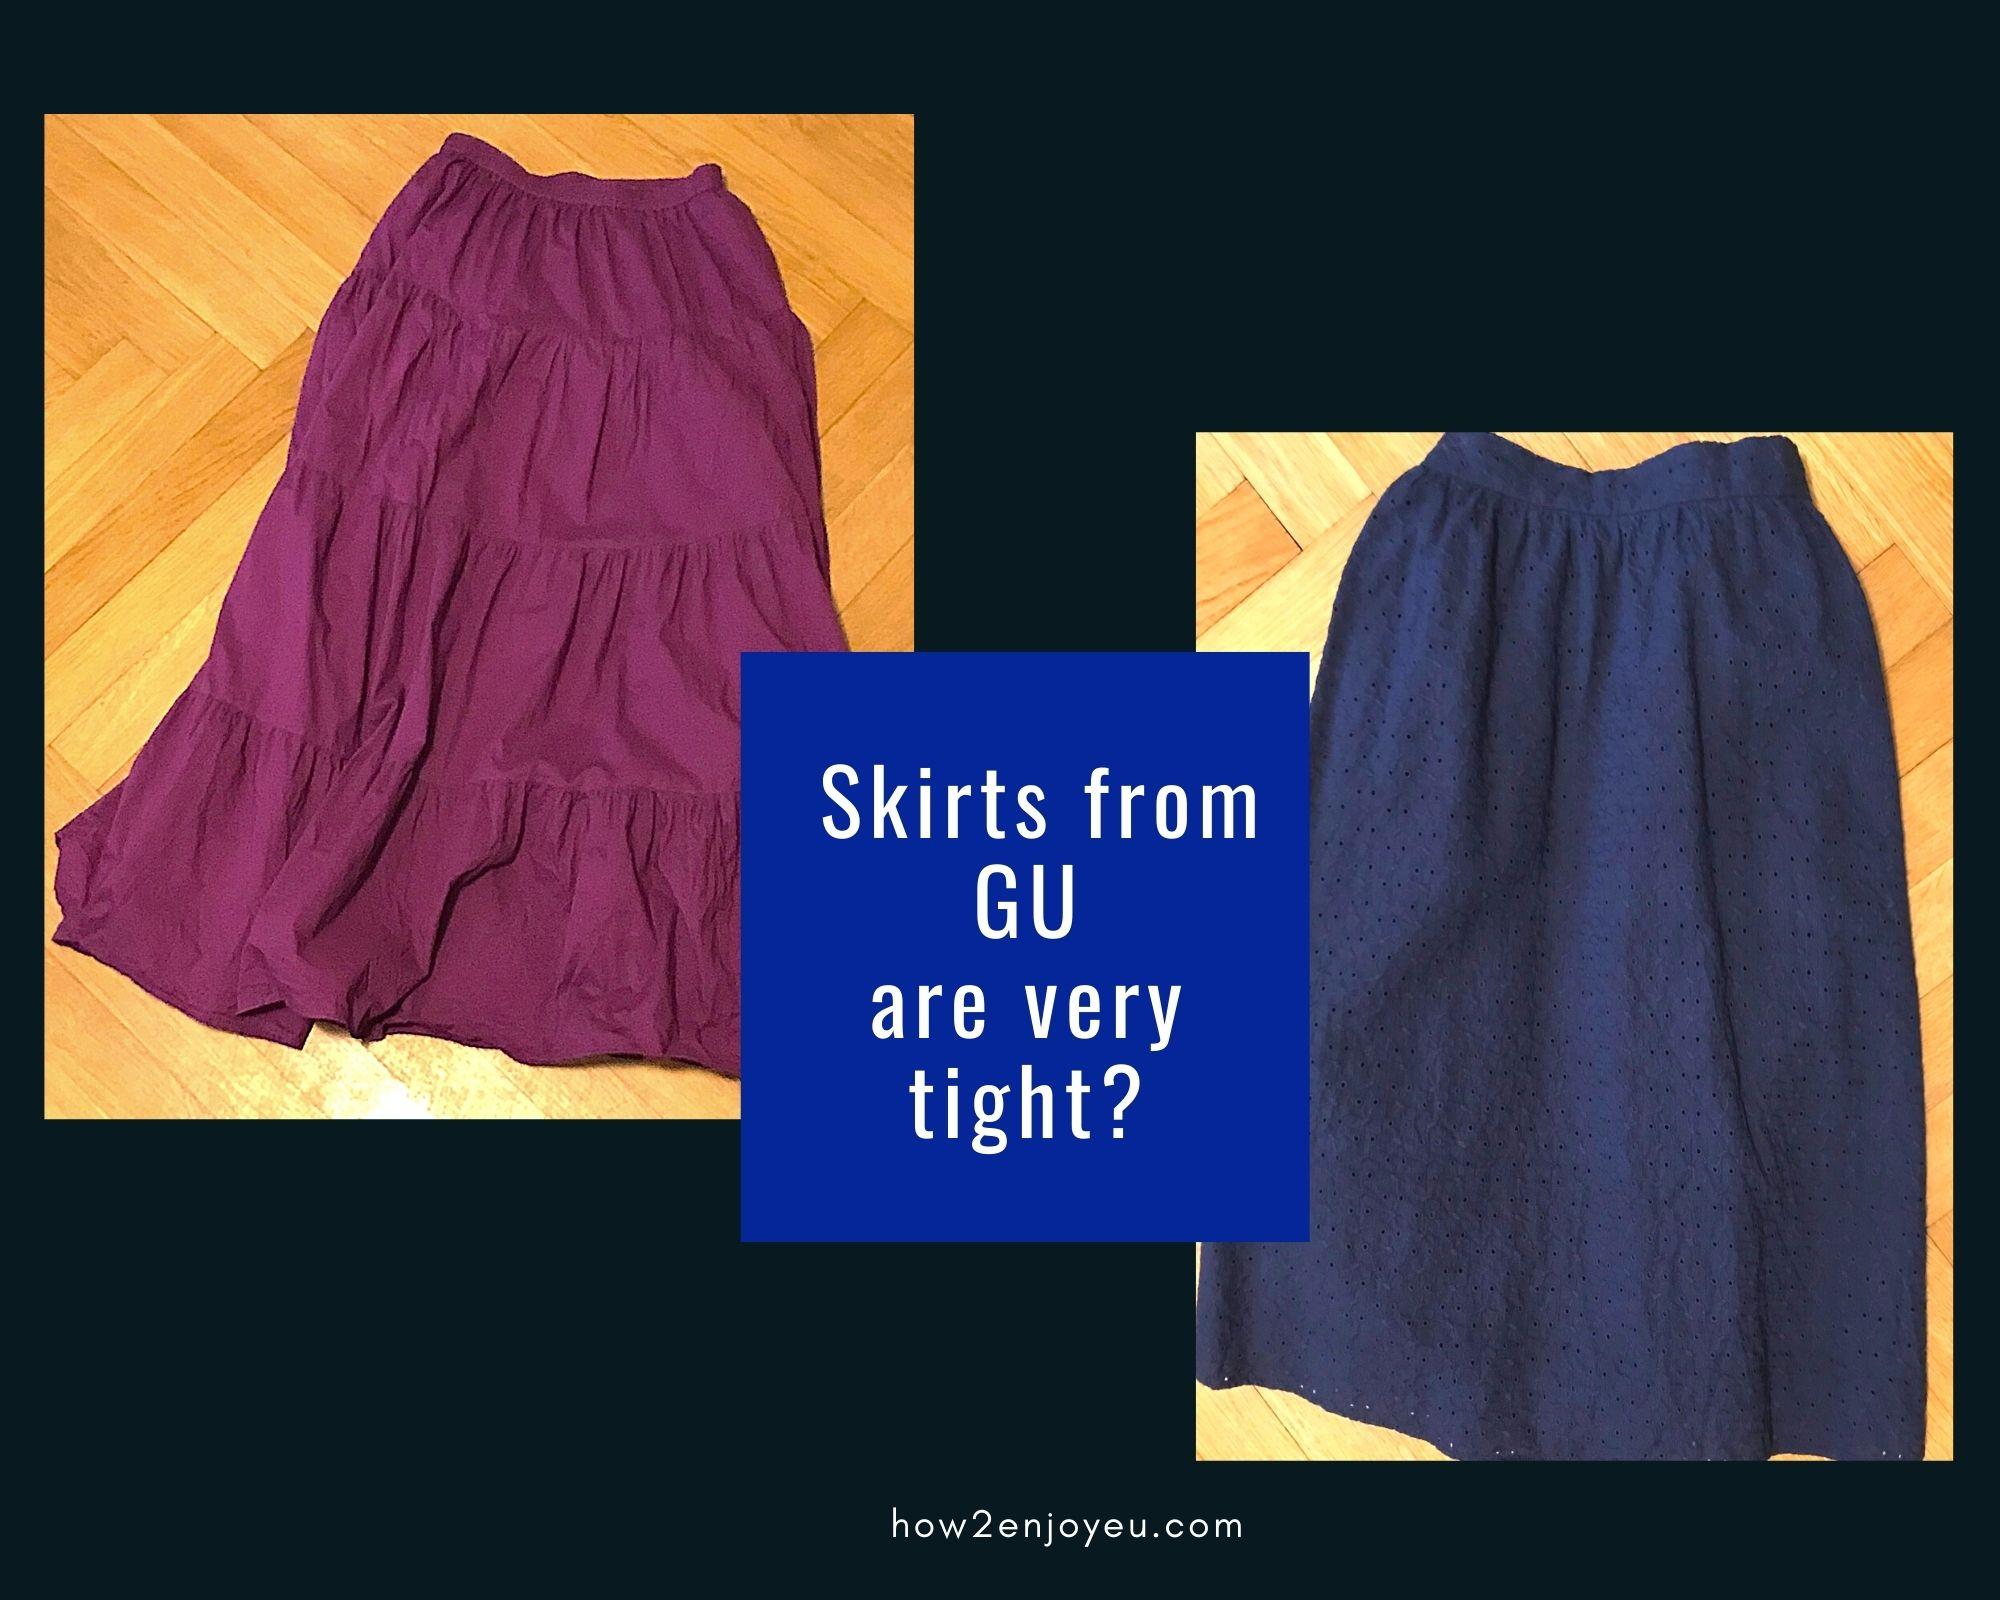 GUのスカート、ウエストがゴムでもキツさを感じるのはなぜ?